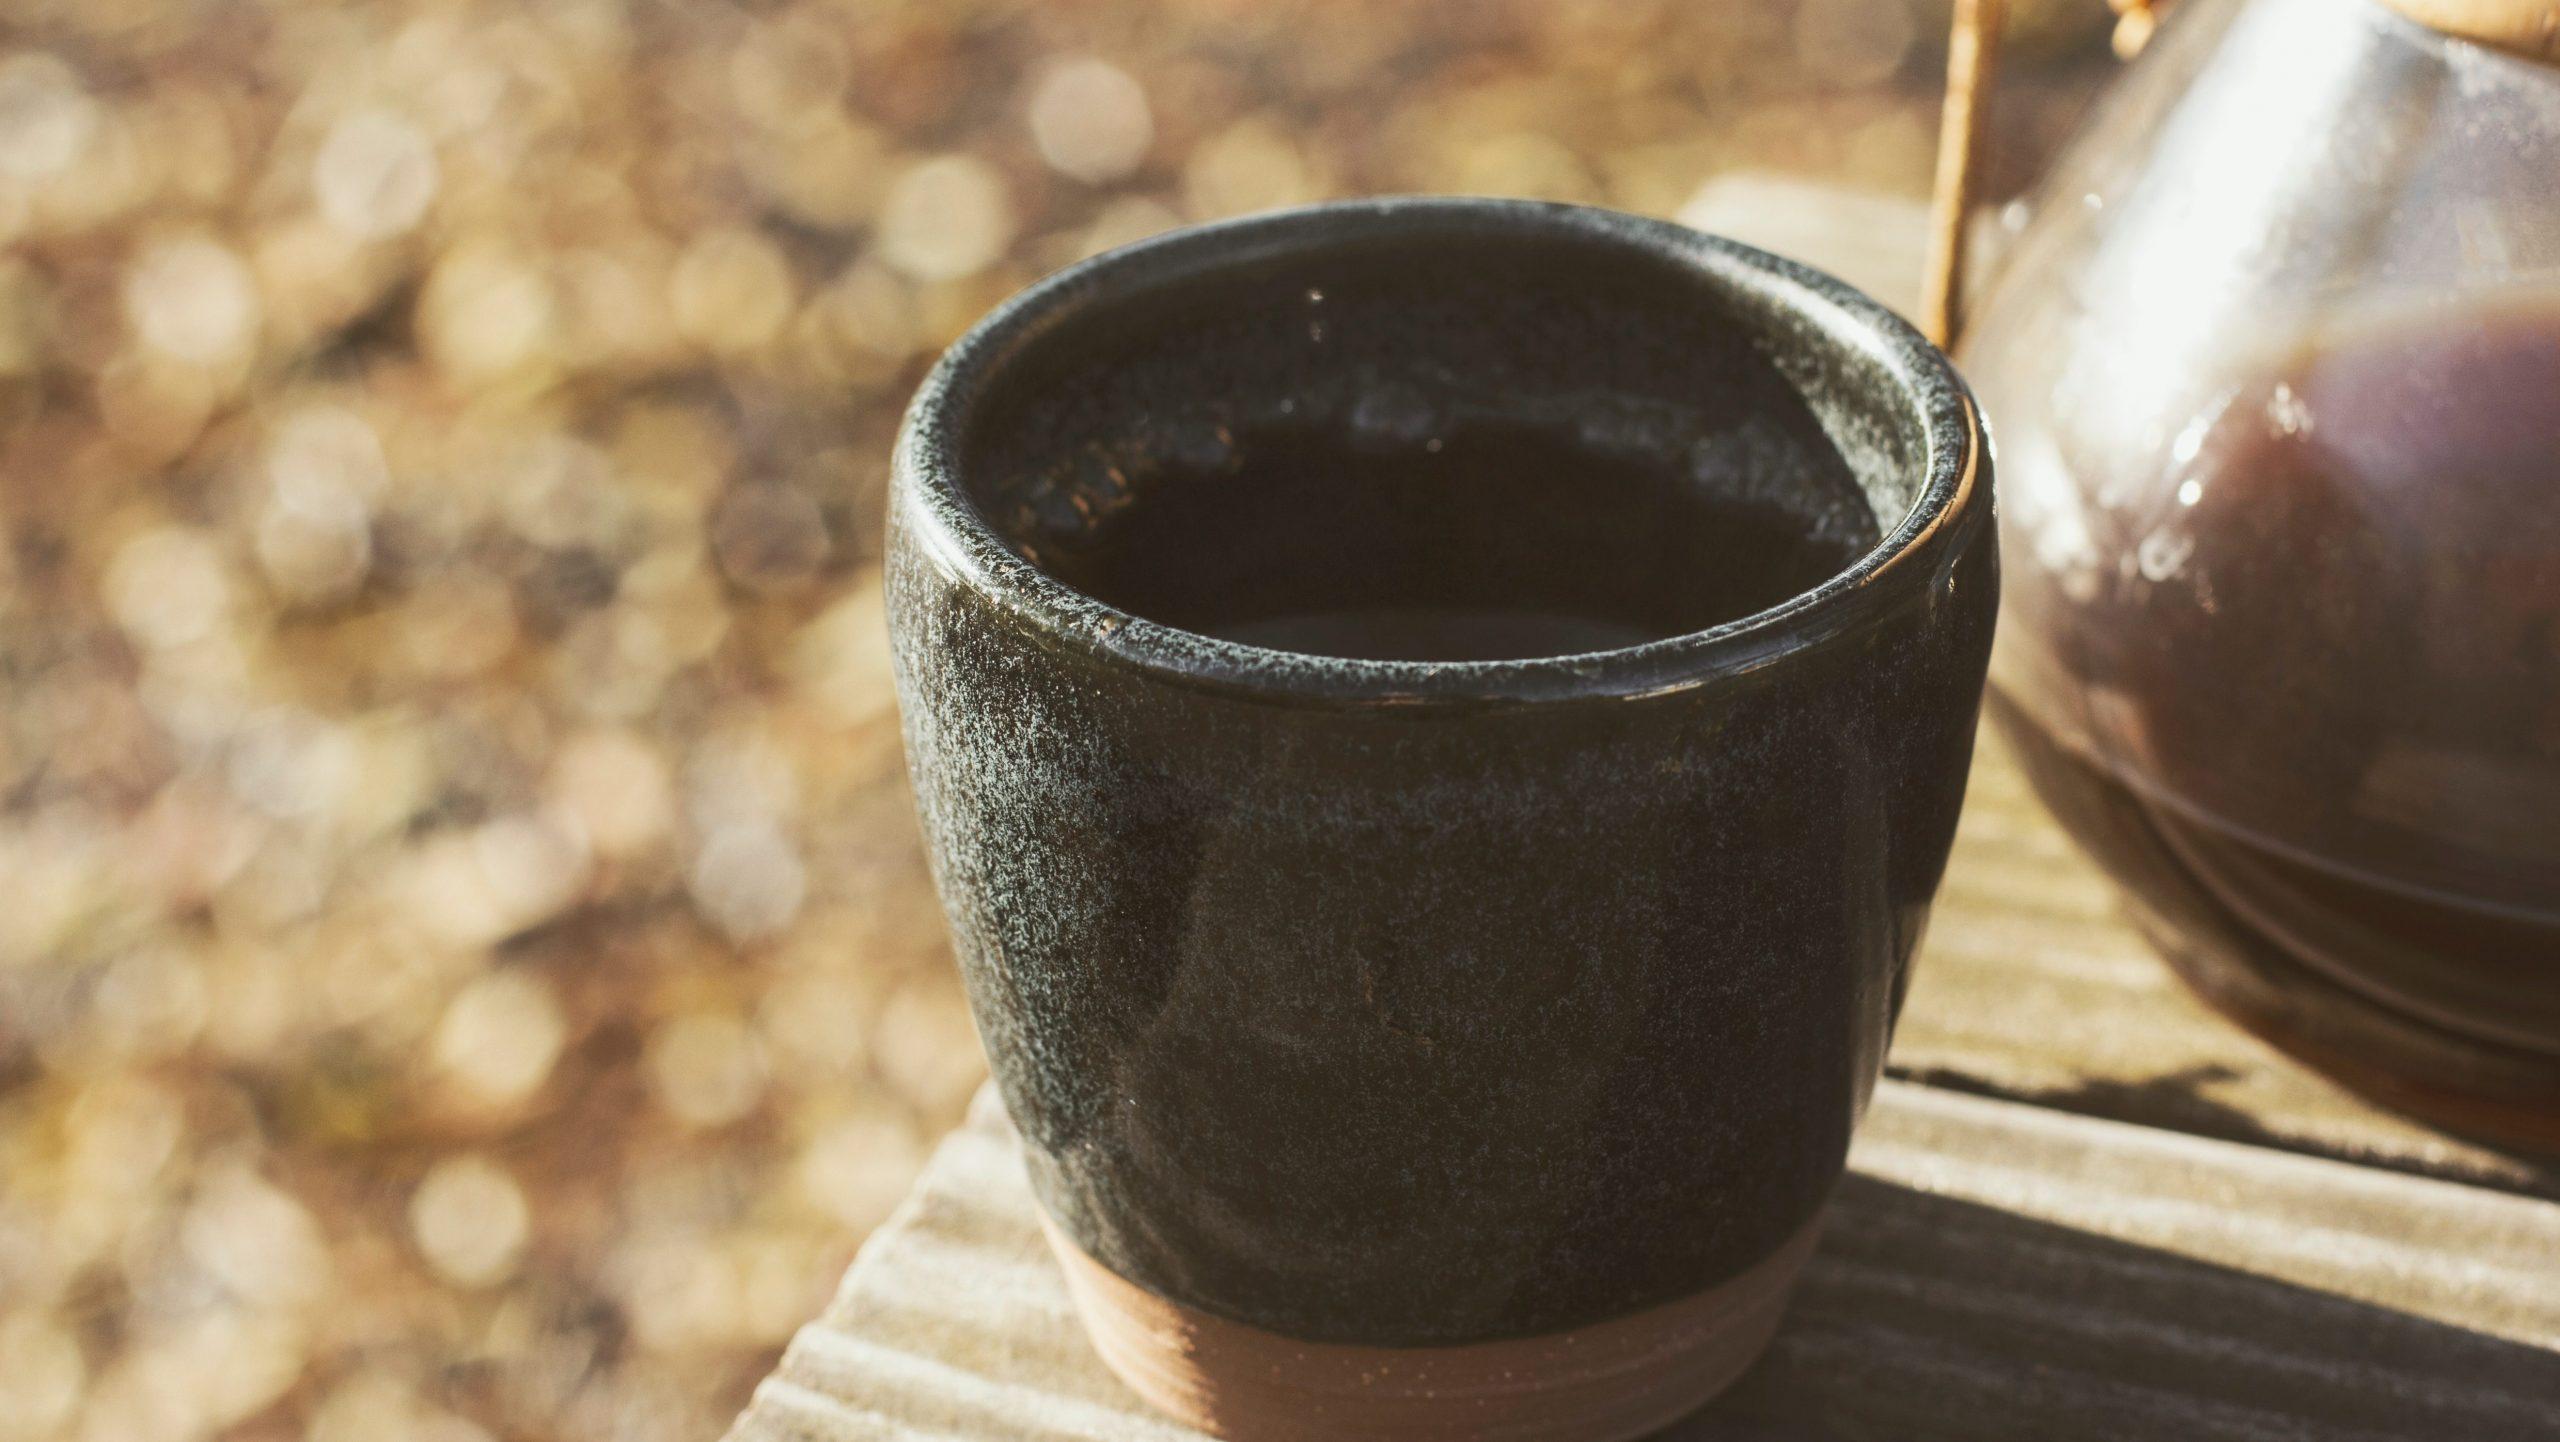 黑豆水不只讓孕婦發奶也能讓你身體壯碩? 黑豆水的好處 買茶葉最推薦「無可挑Tea」